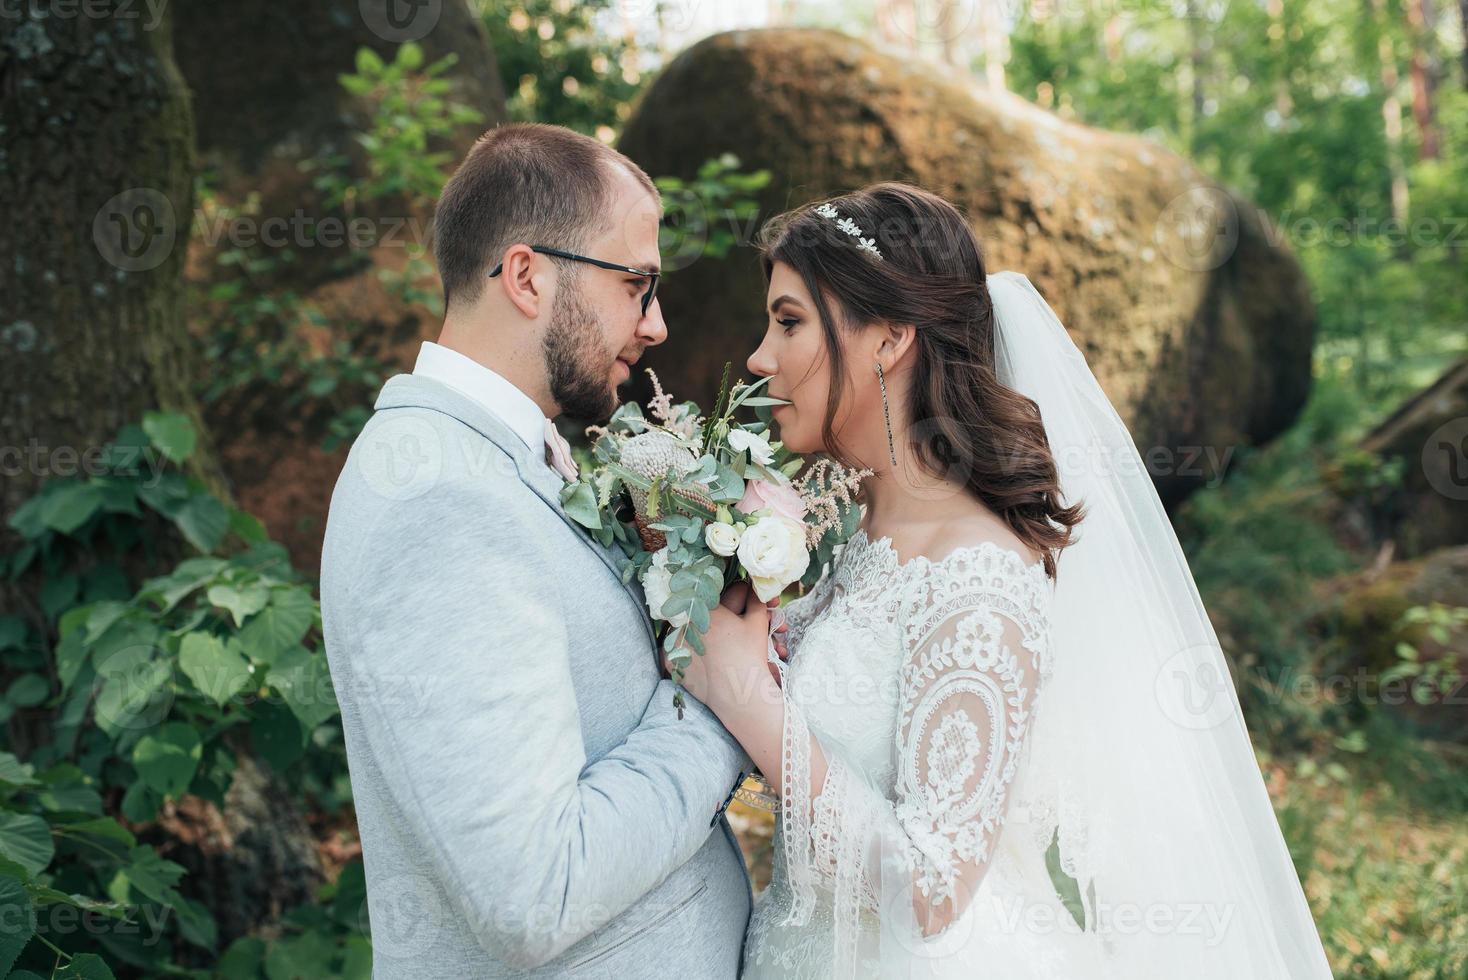 Braut Bei Fehltritt An Hochzeitstag